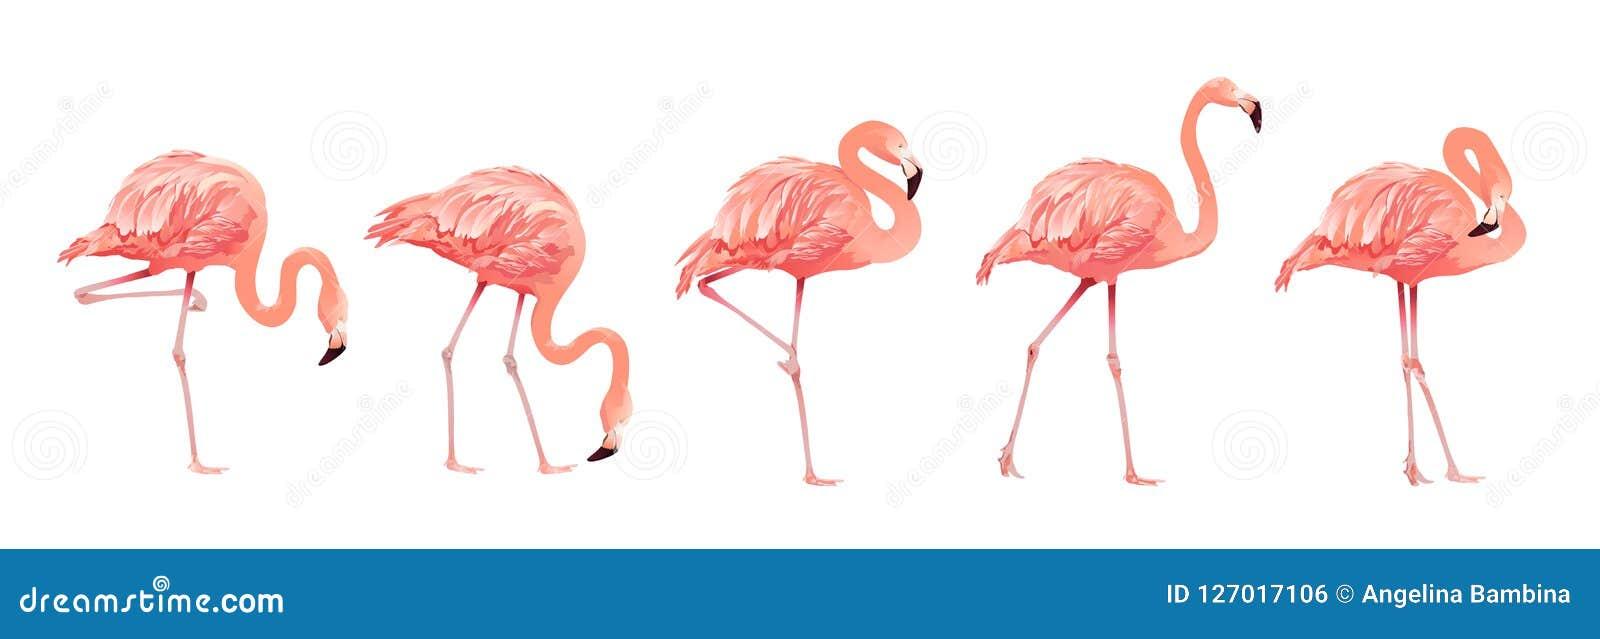 桃红色在白色背景隔绝的火鸟鸟集合热带狂放的美好的异乎寻常的标志平的设计样式 向量